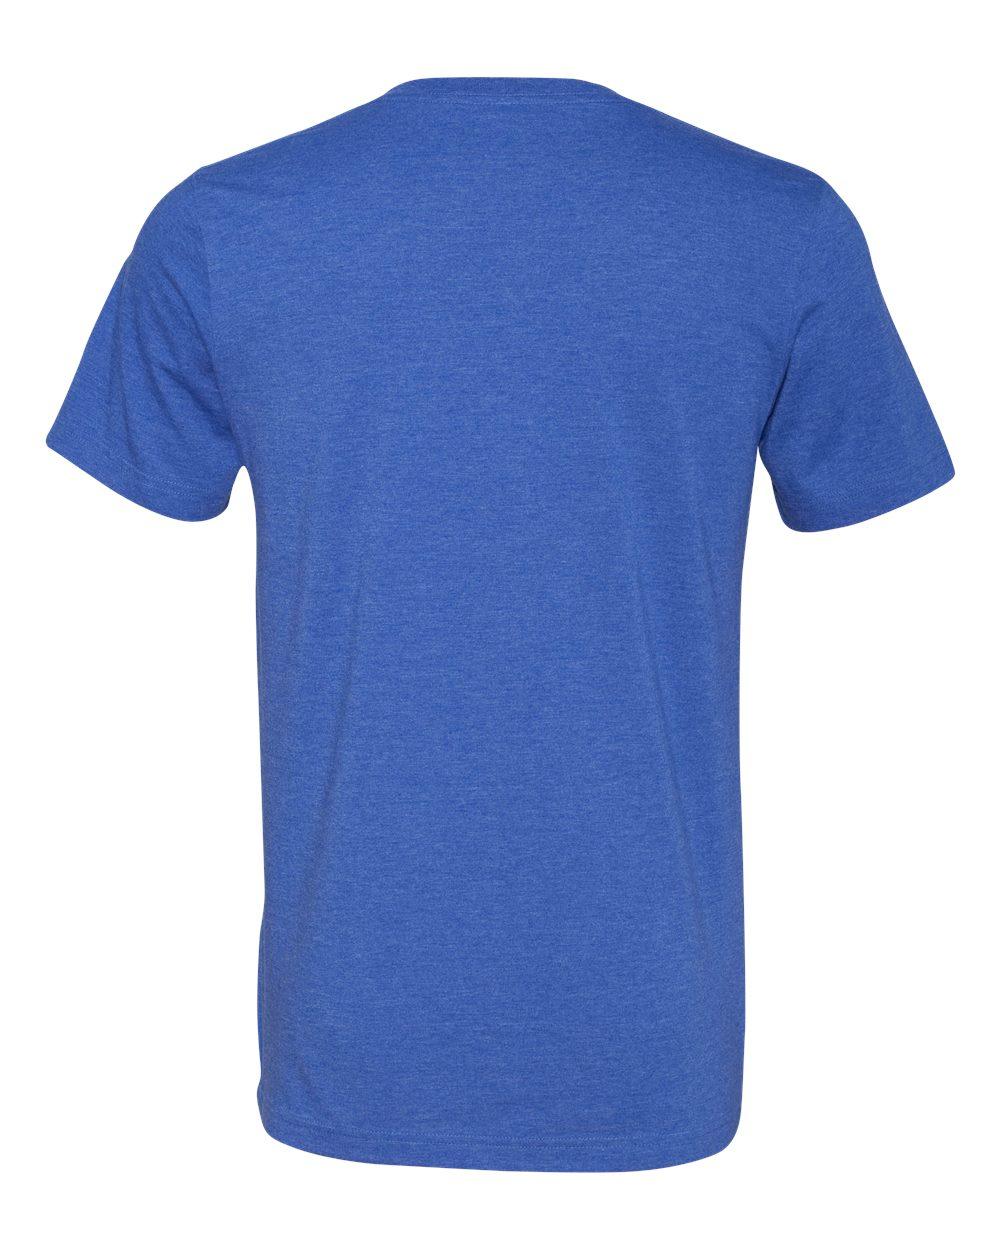 Bella-Canvas-Men-039-s-Jersey-Short-Sleeve-V-Neck-T-Shirt-3005-XS-3XL thumbnail 83